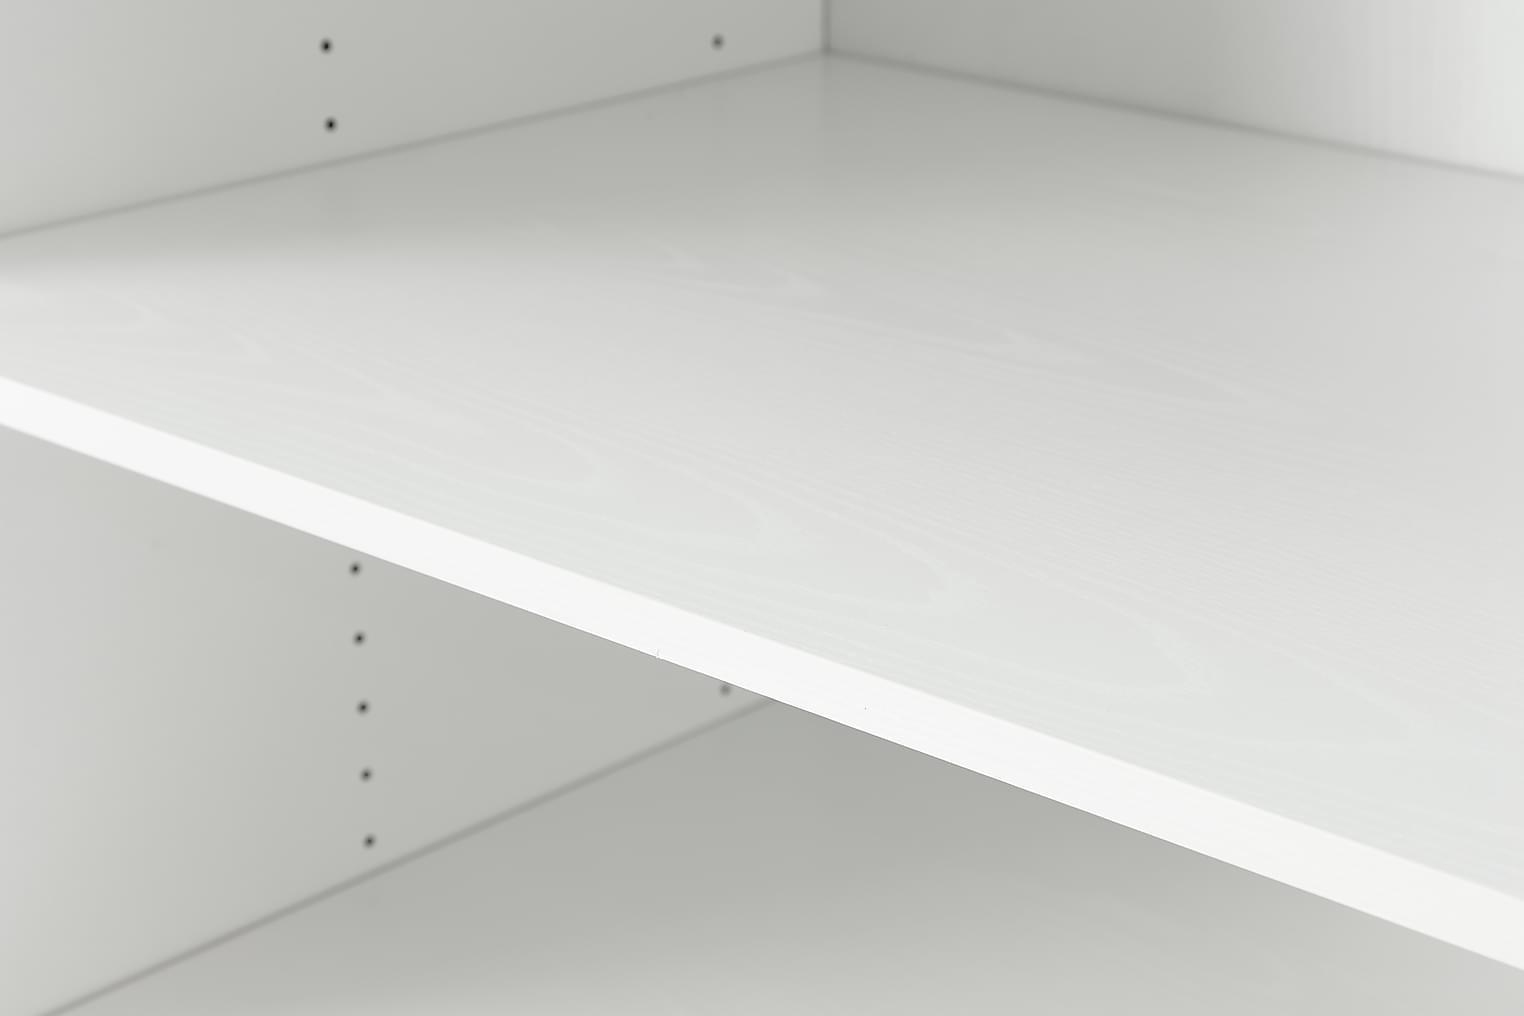 FLEX Hylly 4-pakkaus 80 Valkoinen